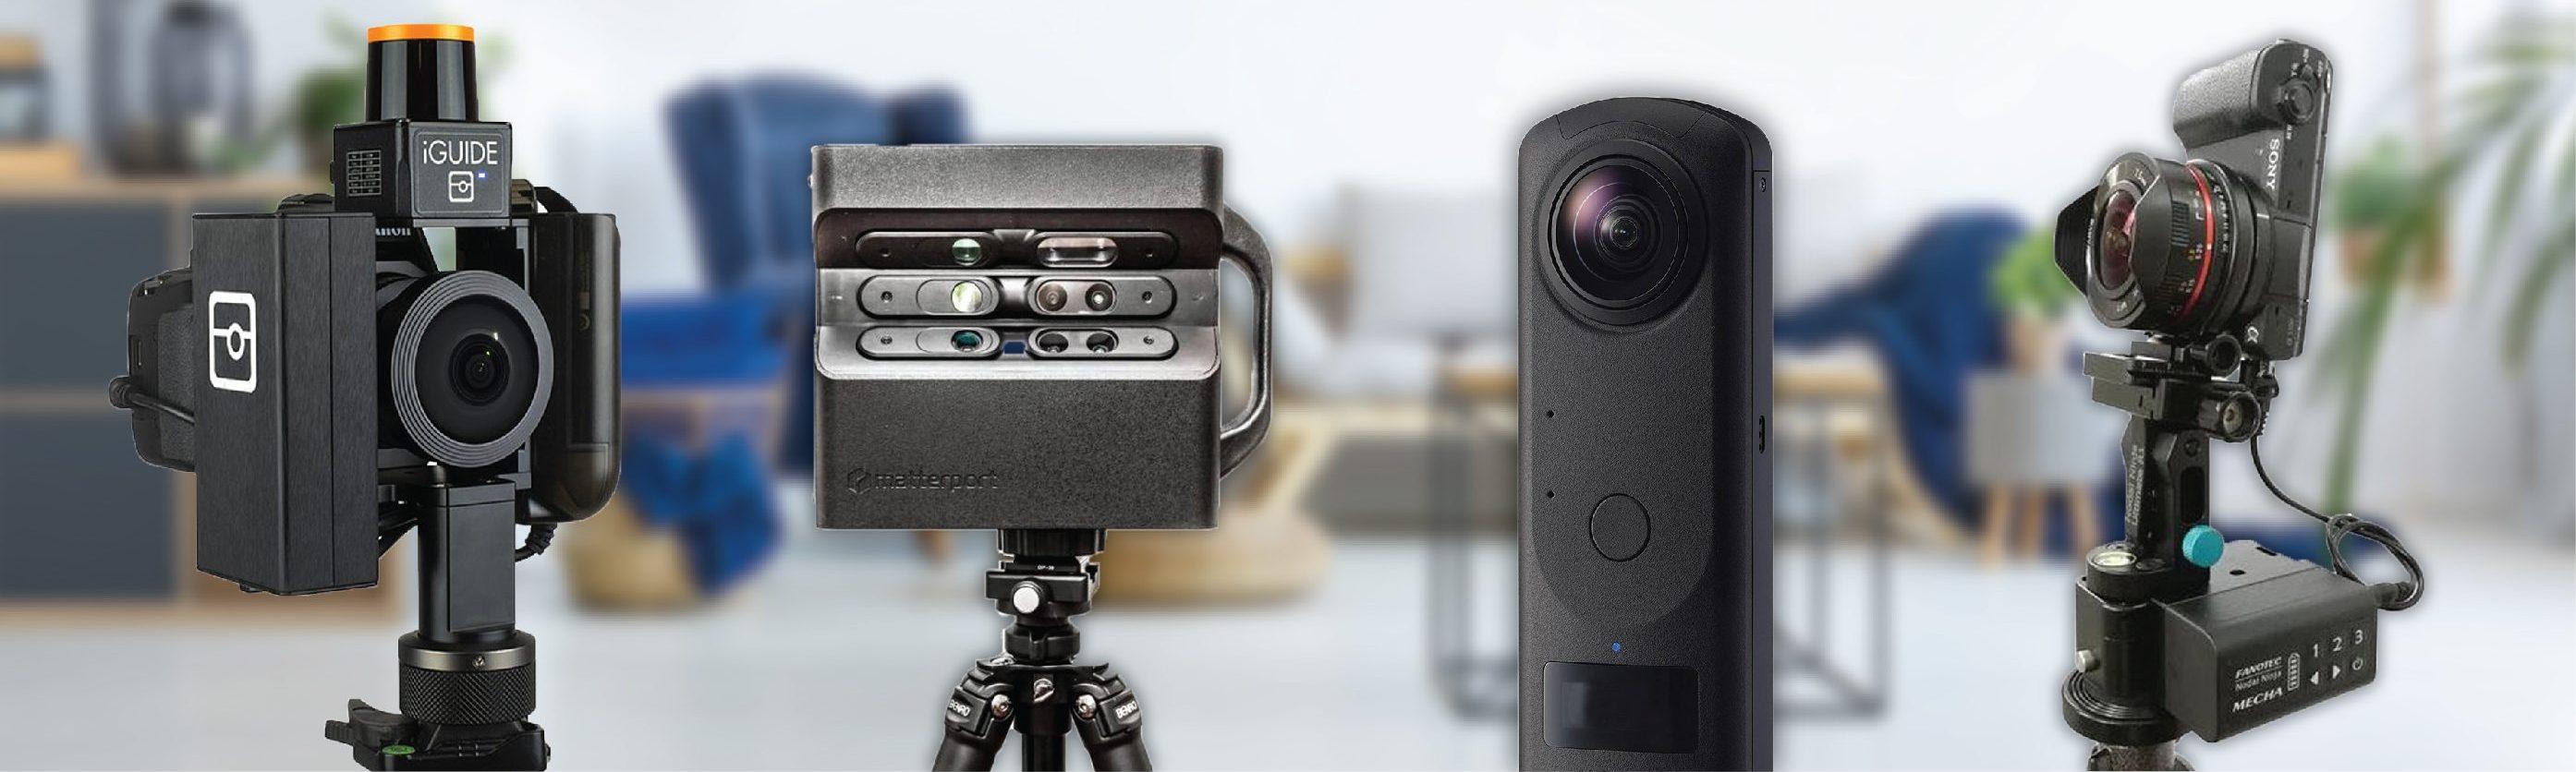 3d virtual tour camera technology comparison